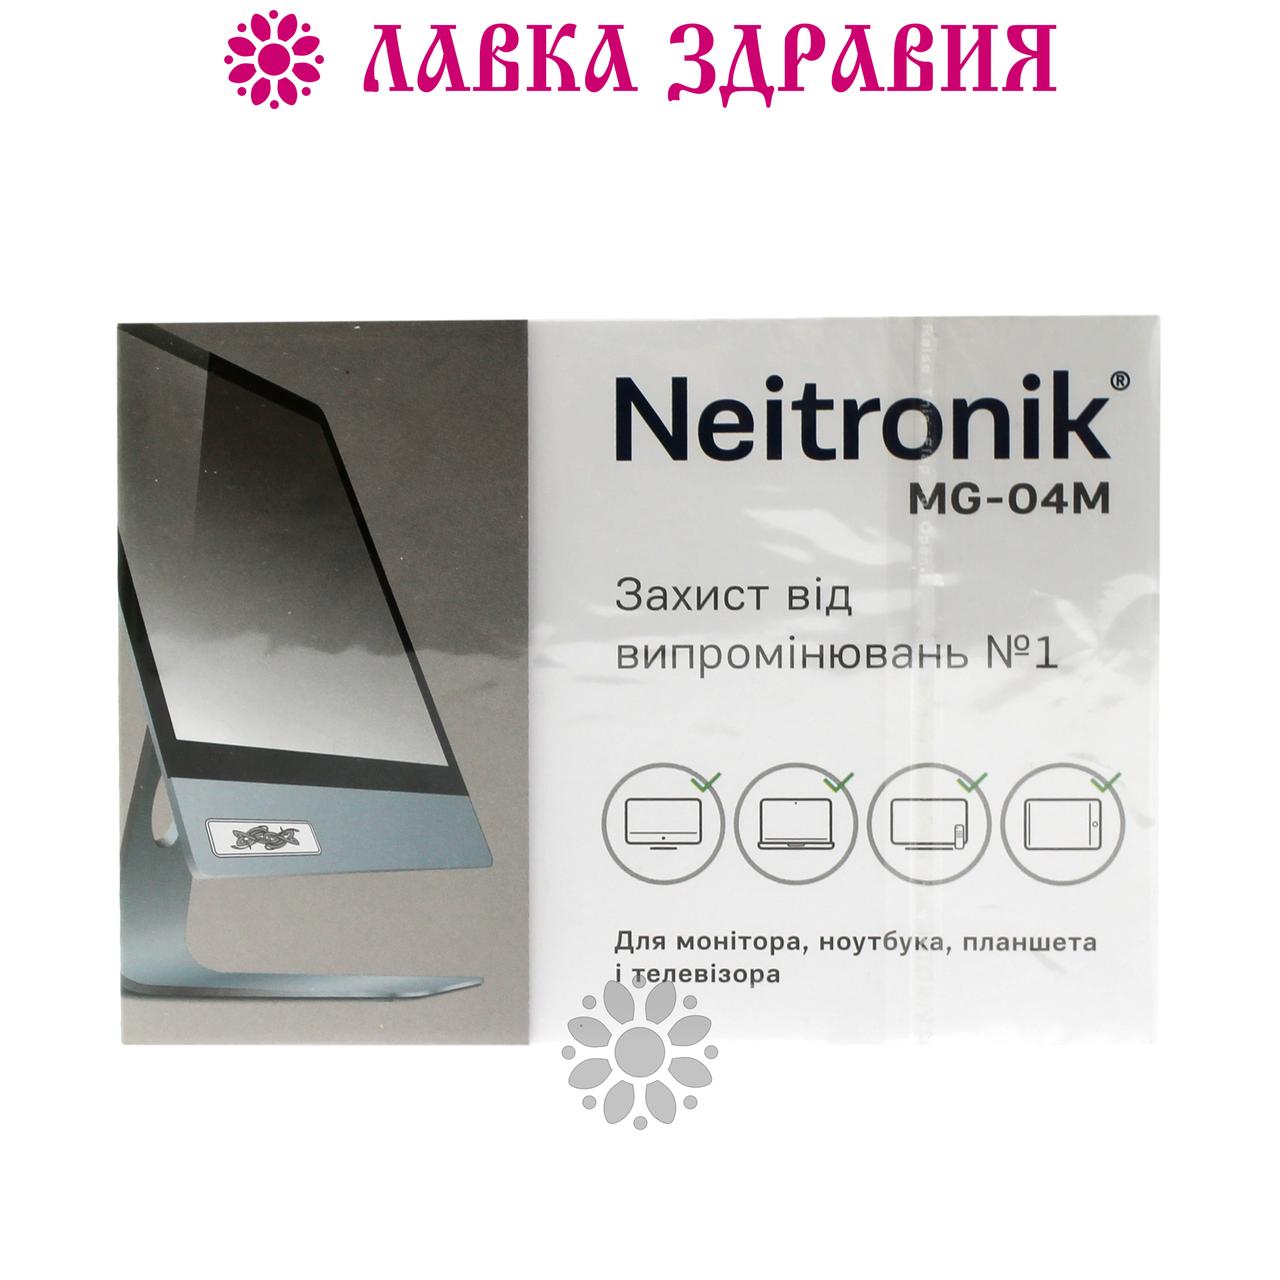 Нейтроник МГ-04 (для мониторов, ноутбуков, планшетов и телевизоров)